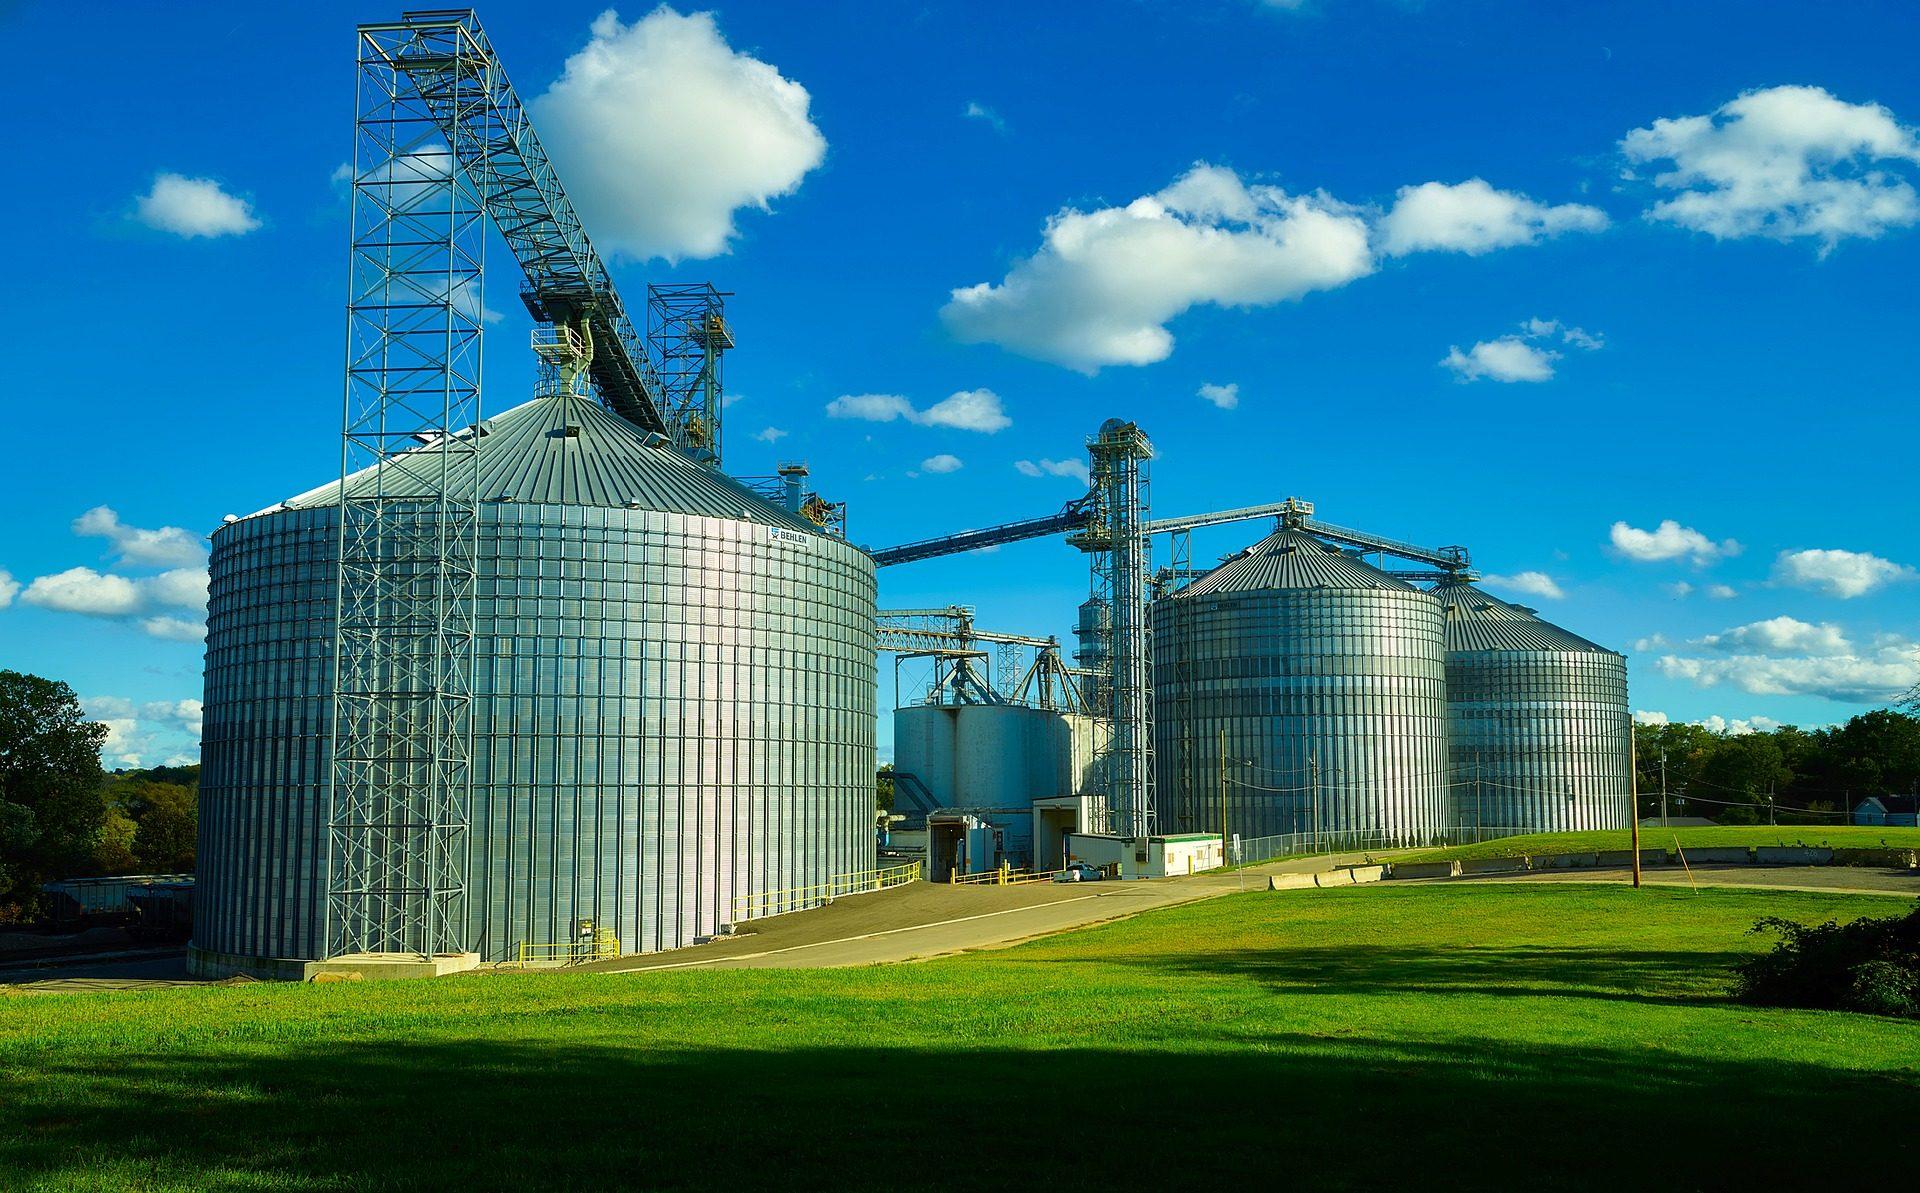 Grange, silos, graines, Ouvrages d'art, Metal, domaine, Sky, nuages - Fonds d'écran HD - Professor-falken.com